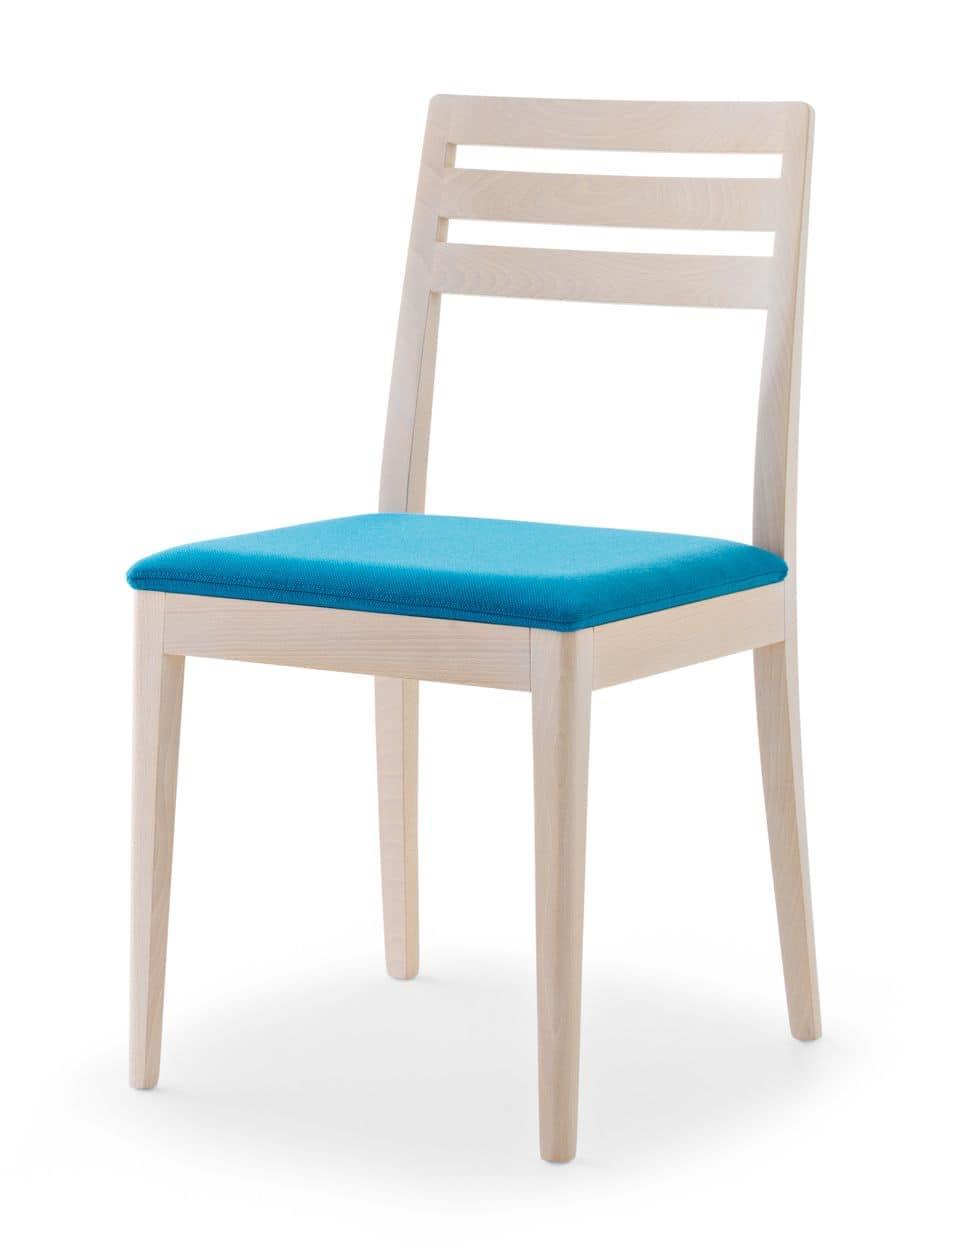 Sedia interamente in faggio schienale a doghe for Sedia design amazon